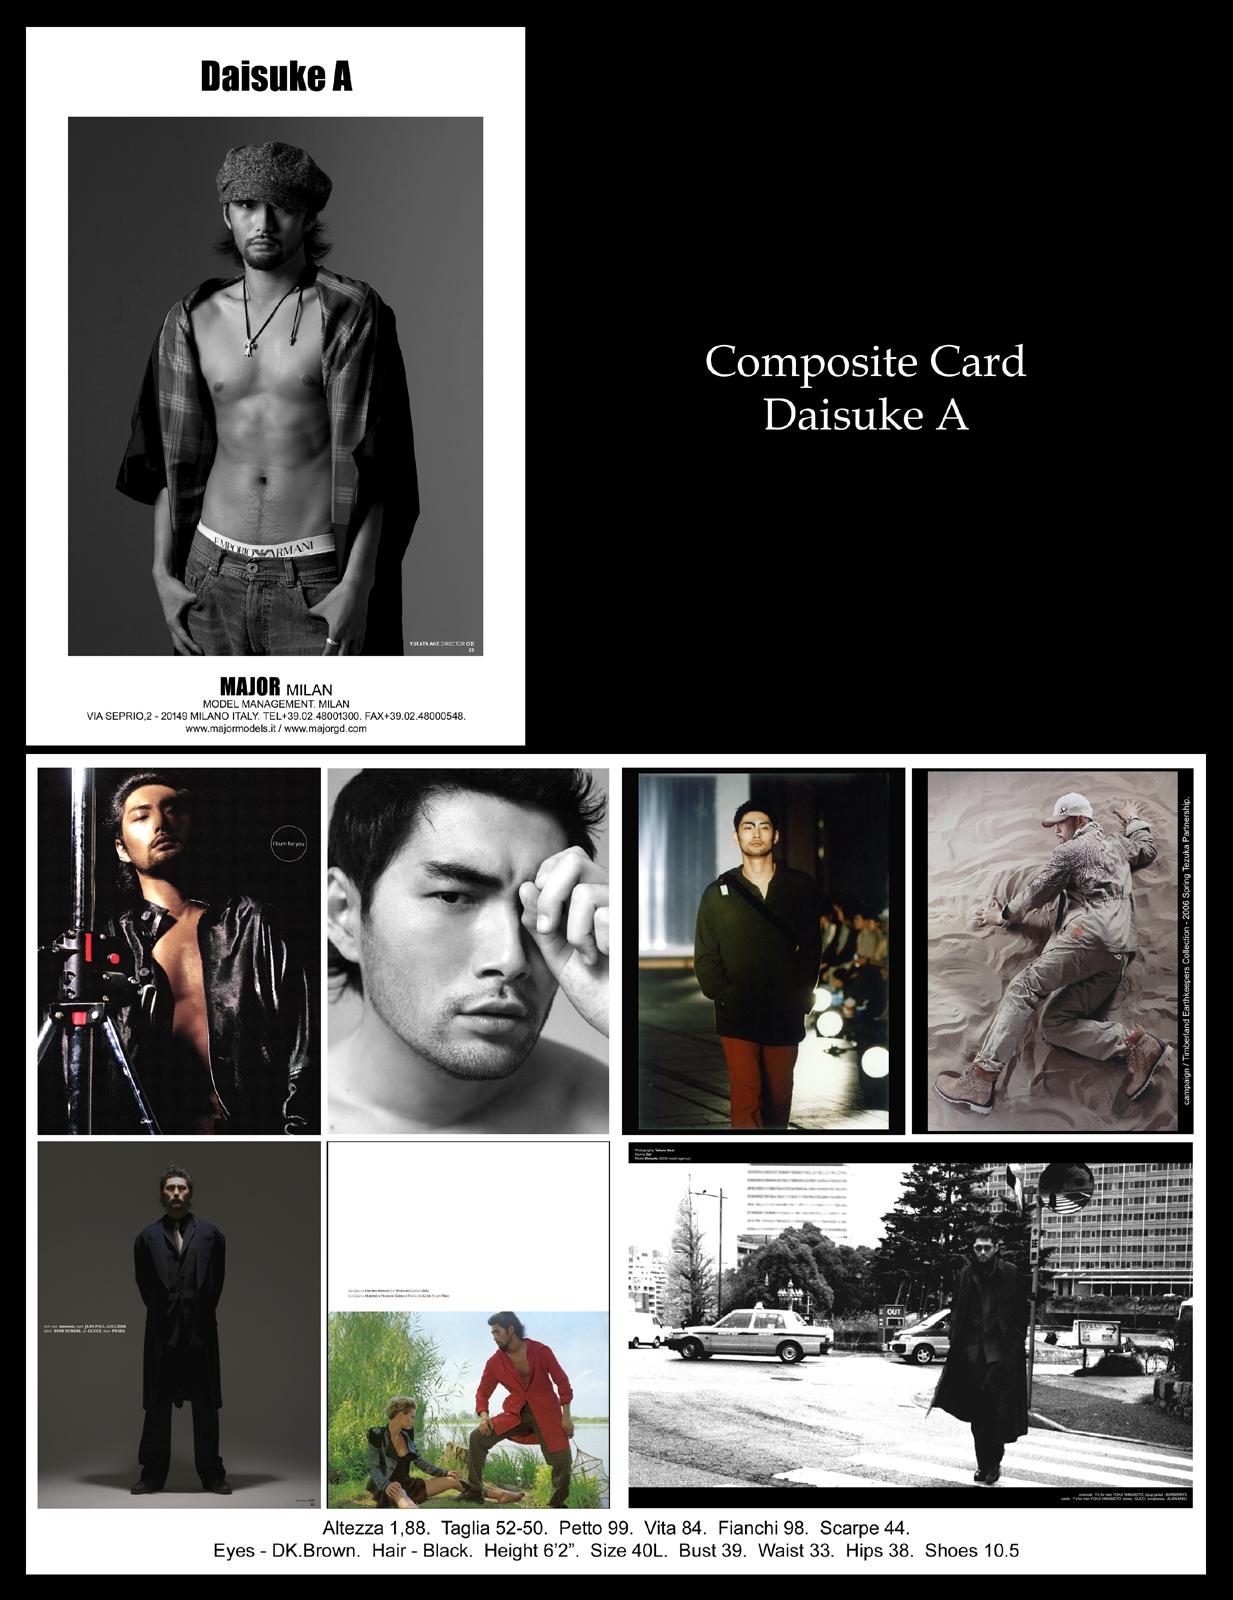 モデルになる方法 コンポジットカード ダイスケ Daisuke A